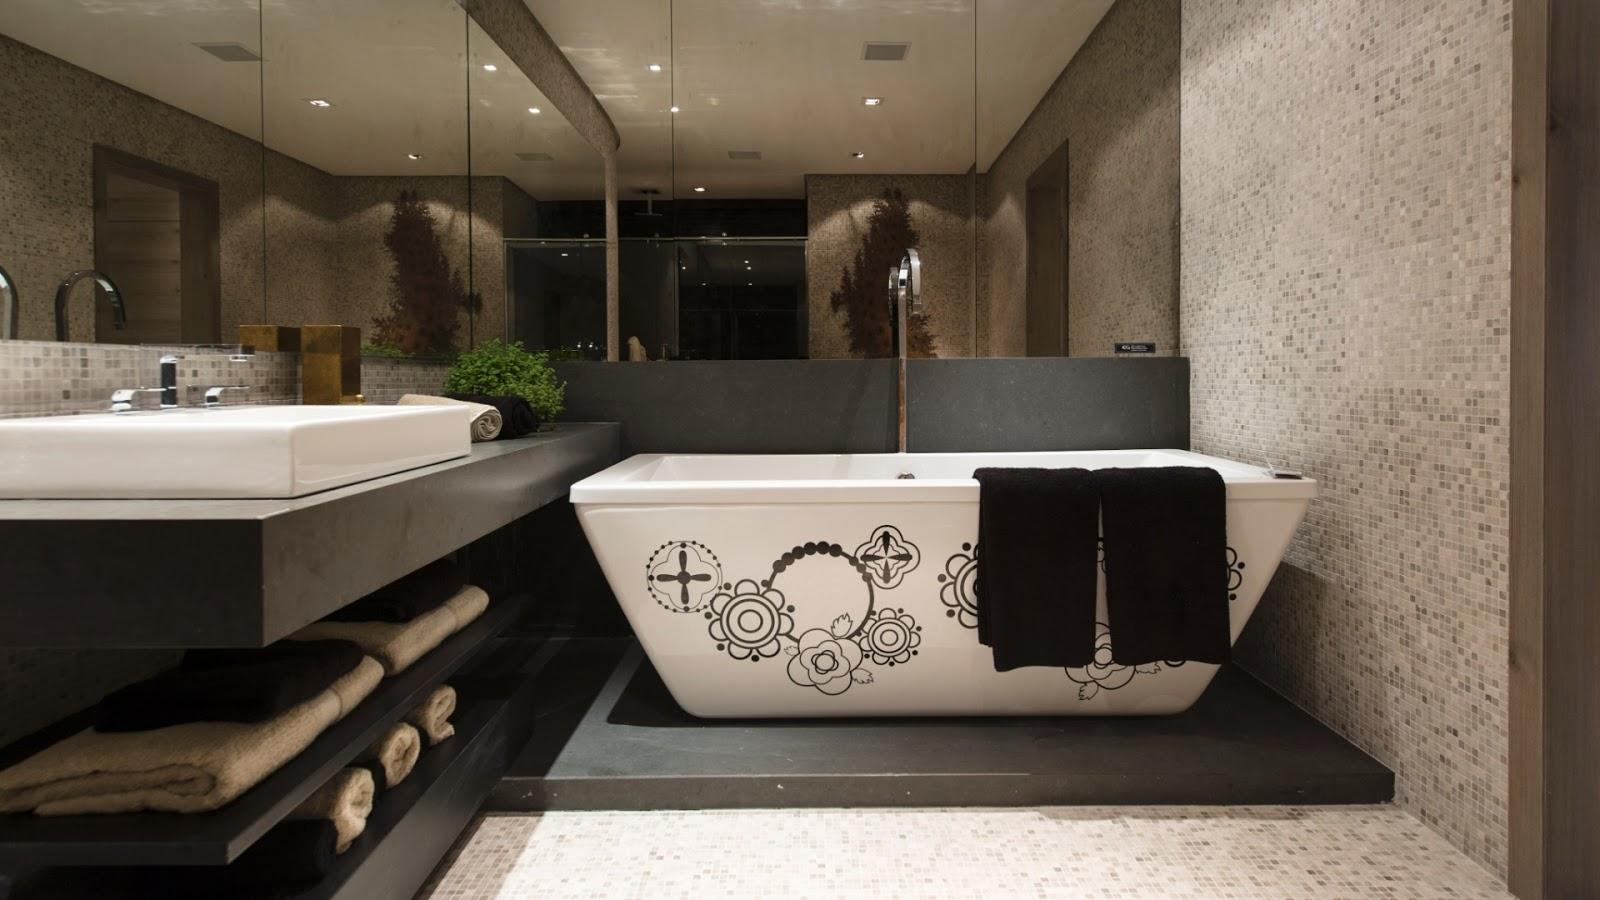 Pastilhas De Vidro Para Decorar Minha Cozinha Ou Banheiro Casa E  ~ Cozinha Decorada Com Pastilhas